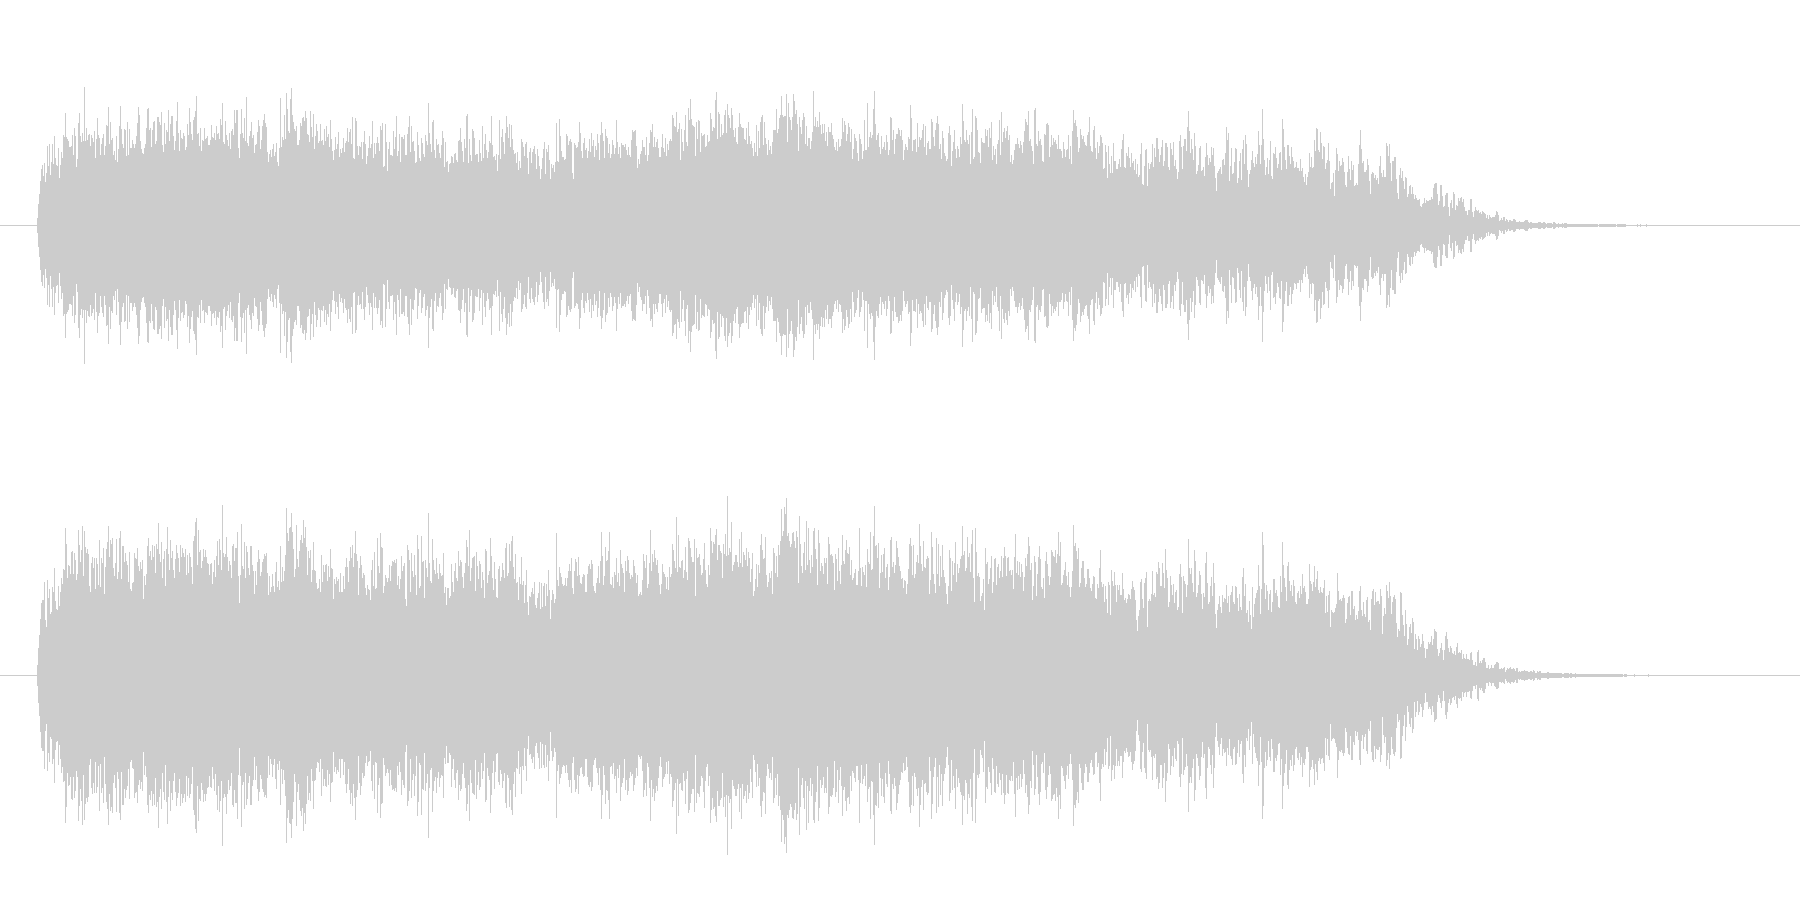 ホーワーワー(ミステリアスな効果音)の未再生の波形